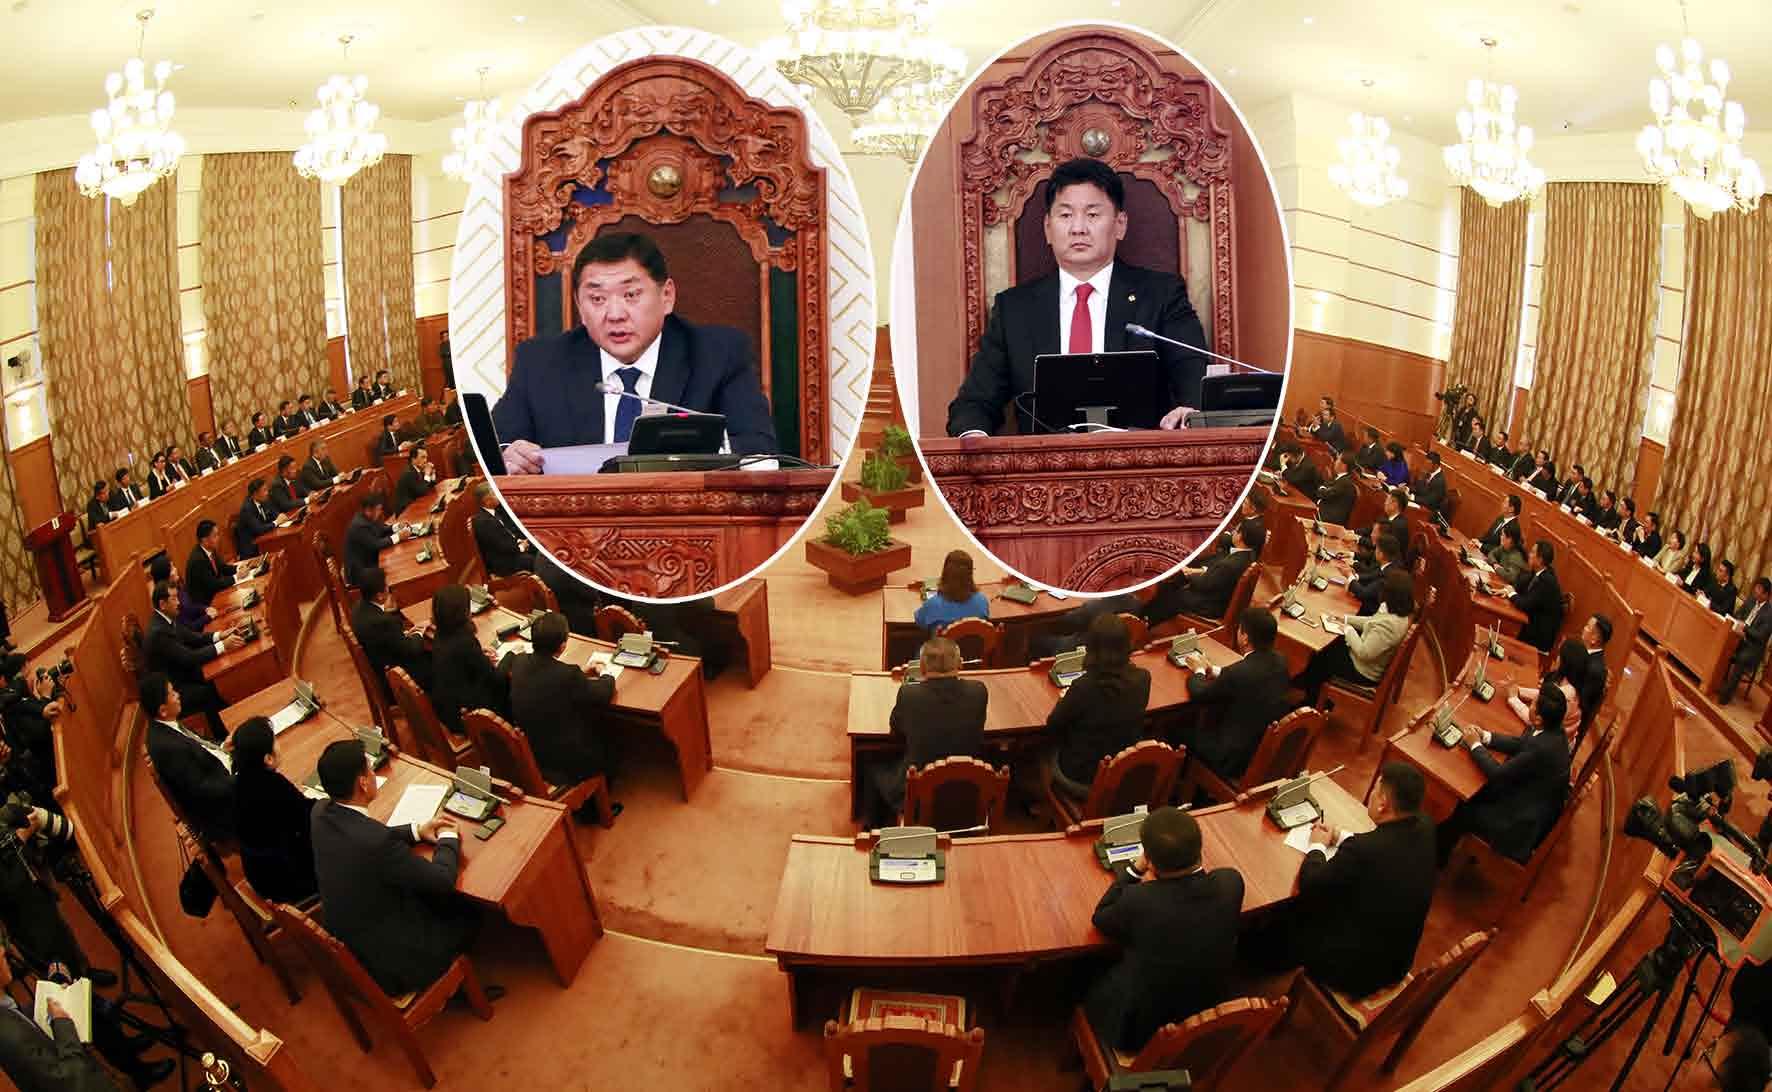 Ерөнхийлөгч МАН-ыг татан буулгах саналыг Дээд шүүхэд гаргах цаг болжээ